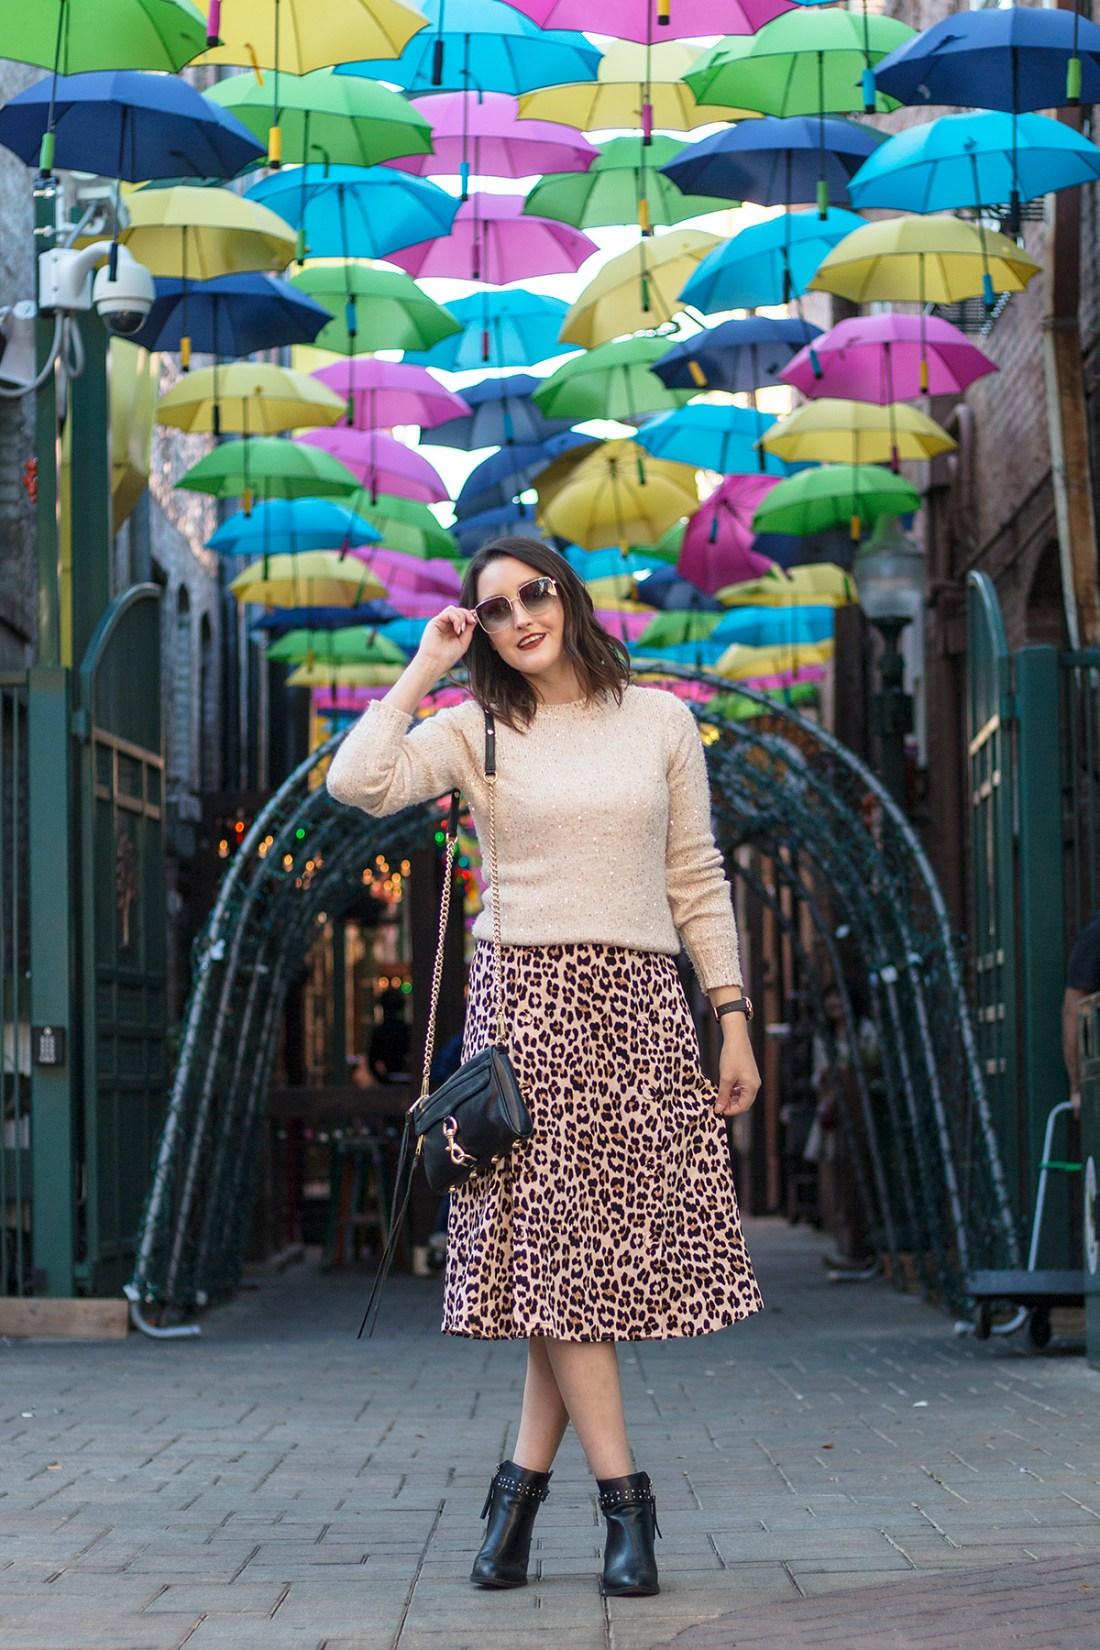 Leopard Print Skirt & Sequin Sweater | A Good Hue